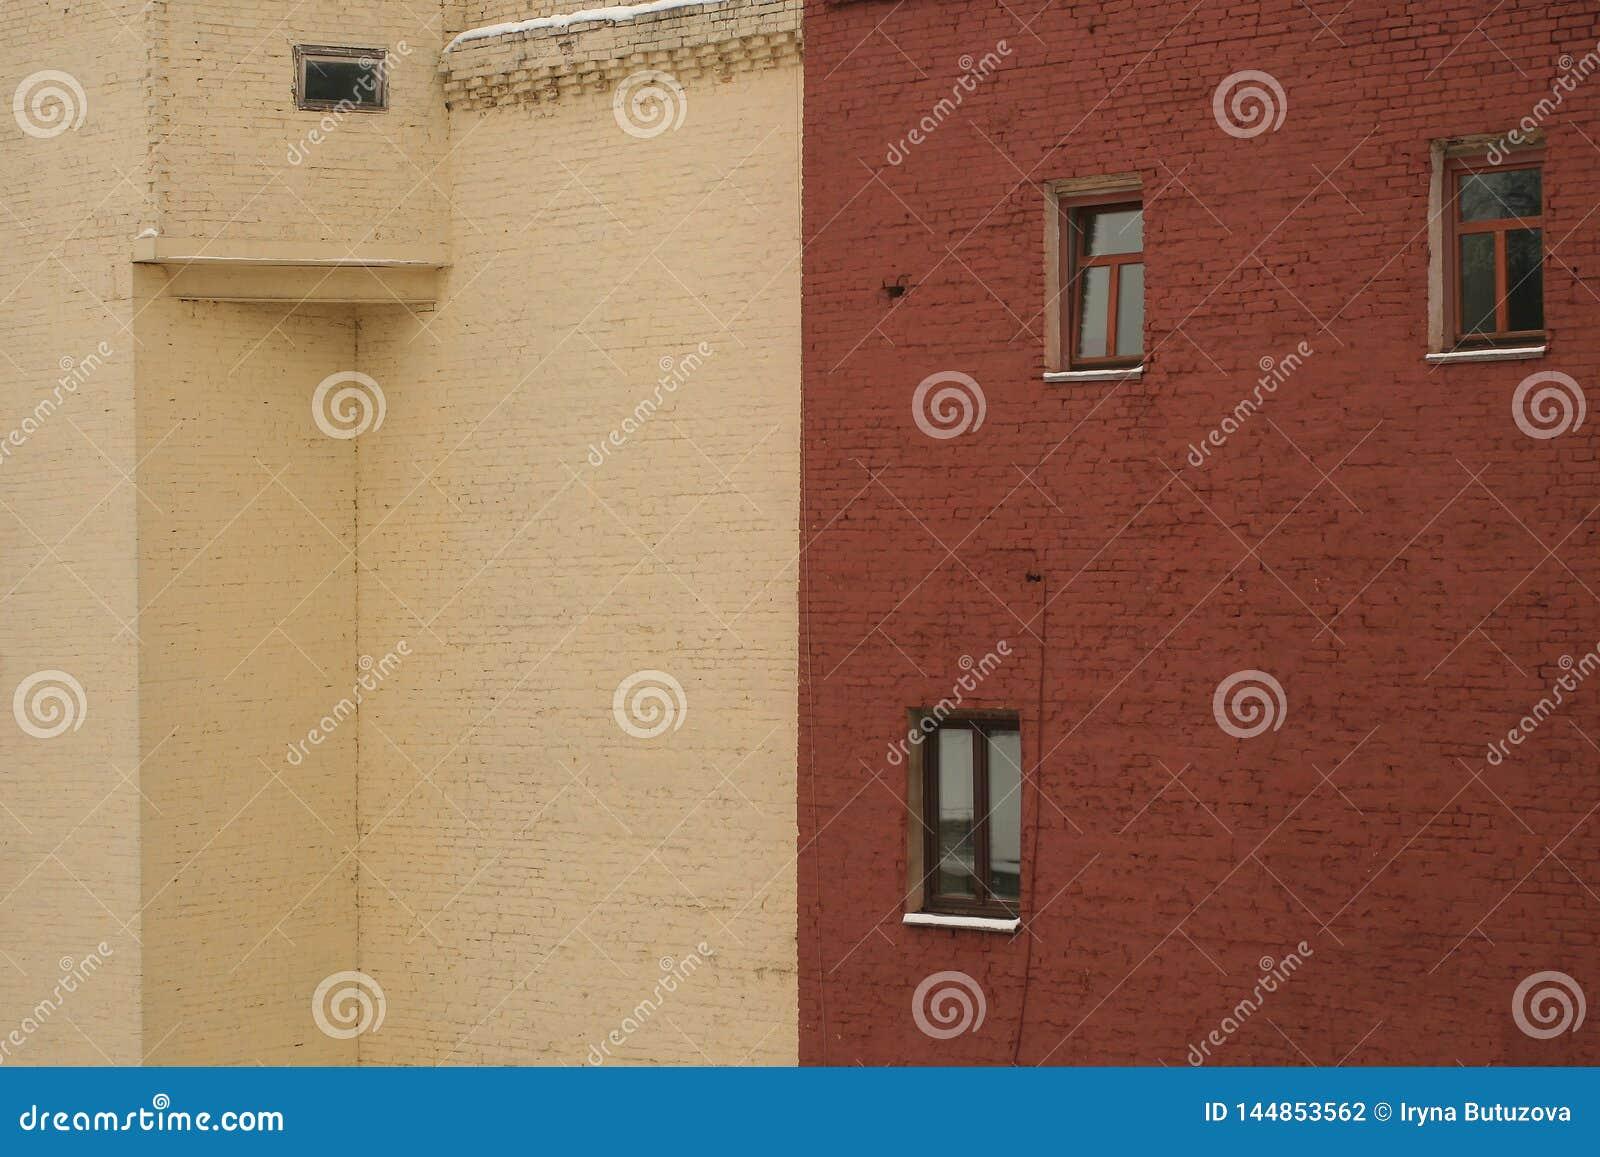 Zwei Backsteinhäuser - Beige und Terrakotta